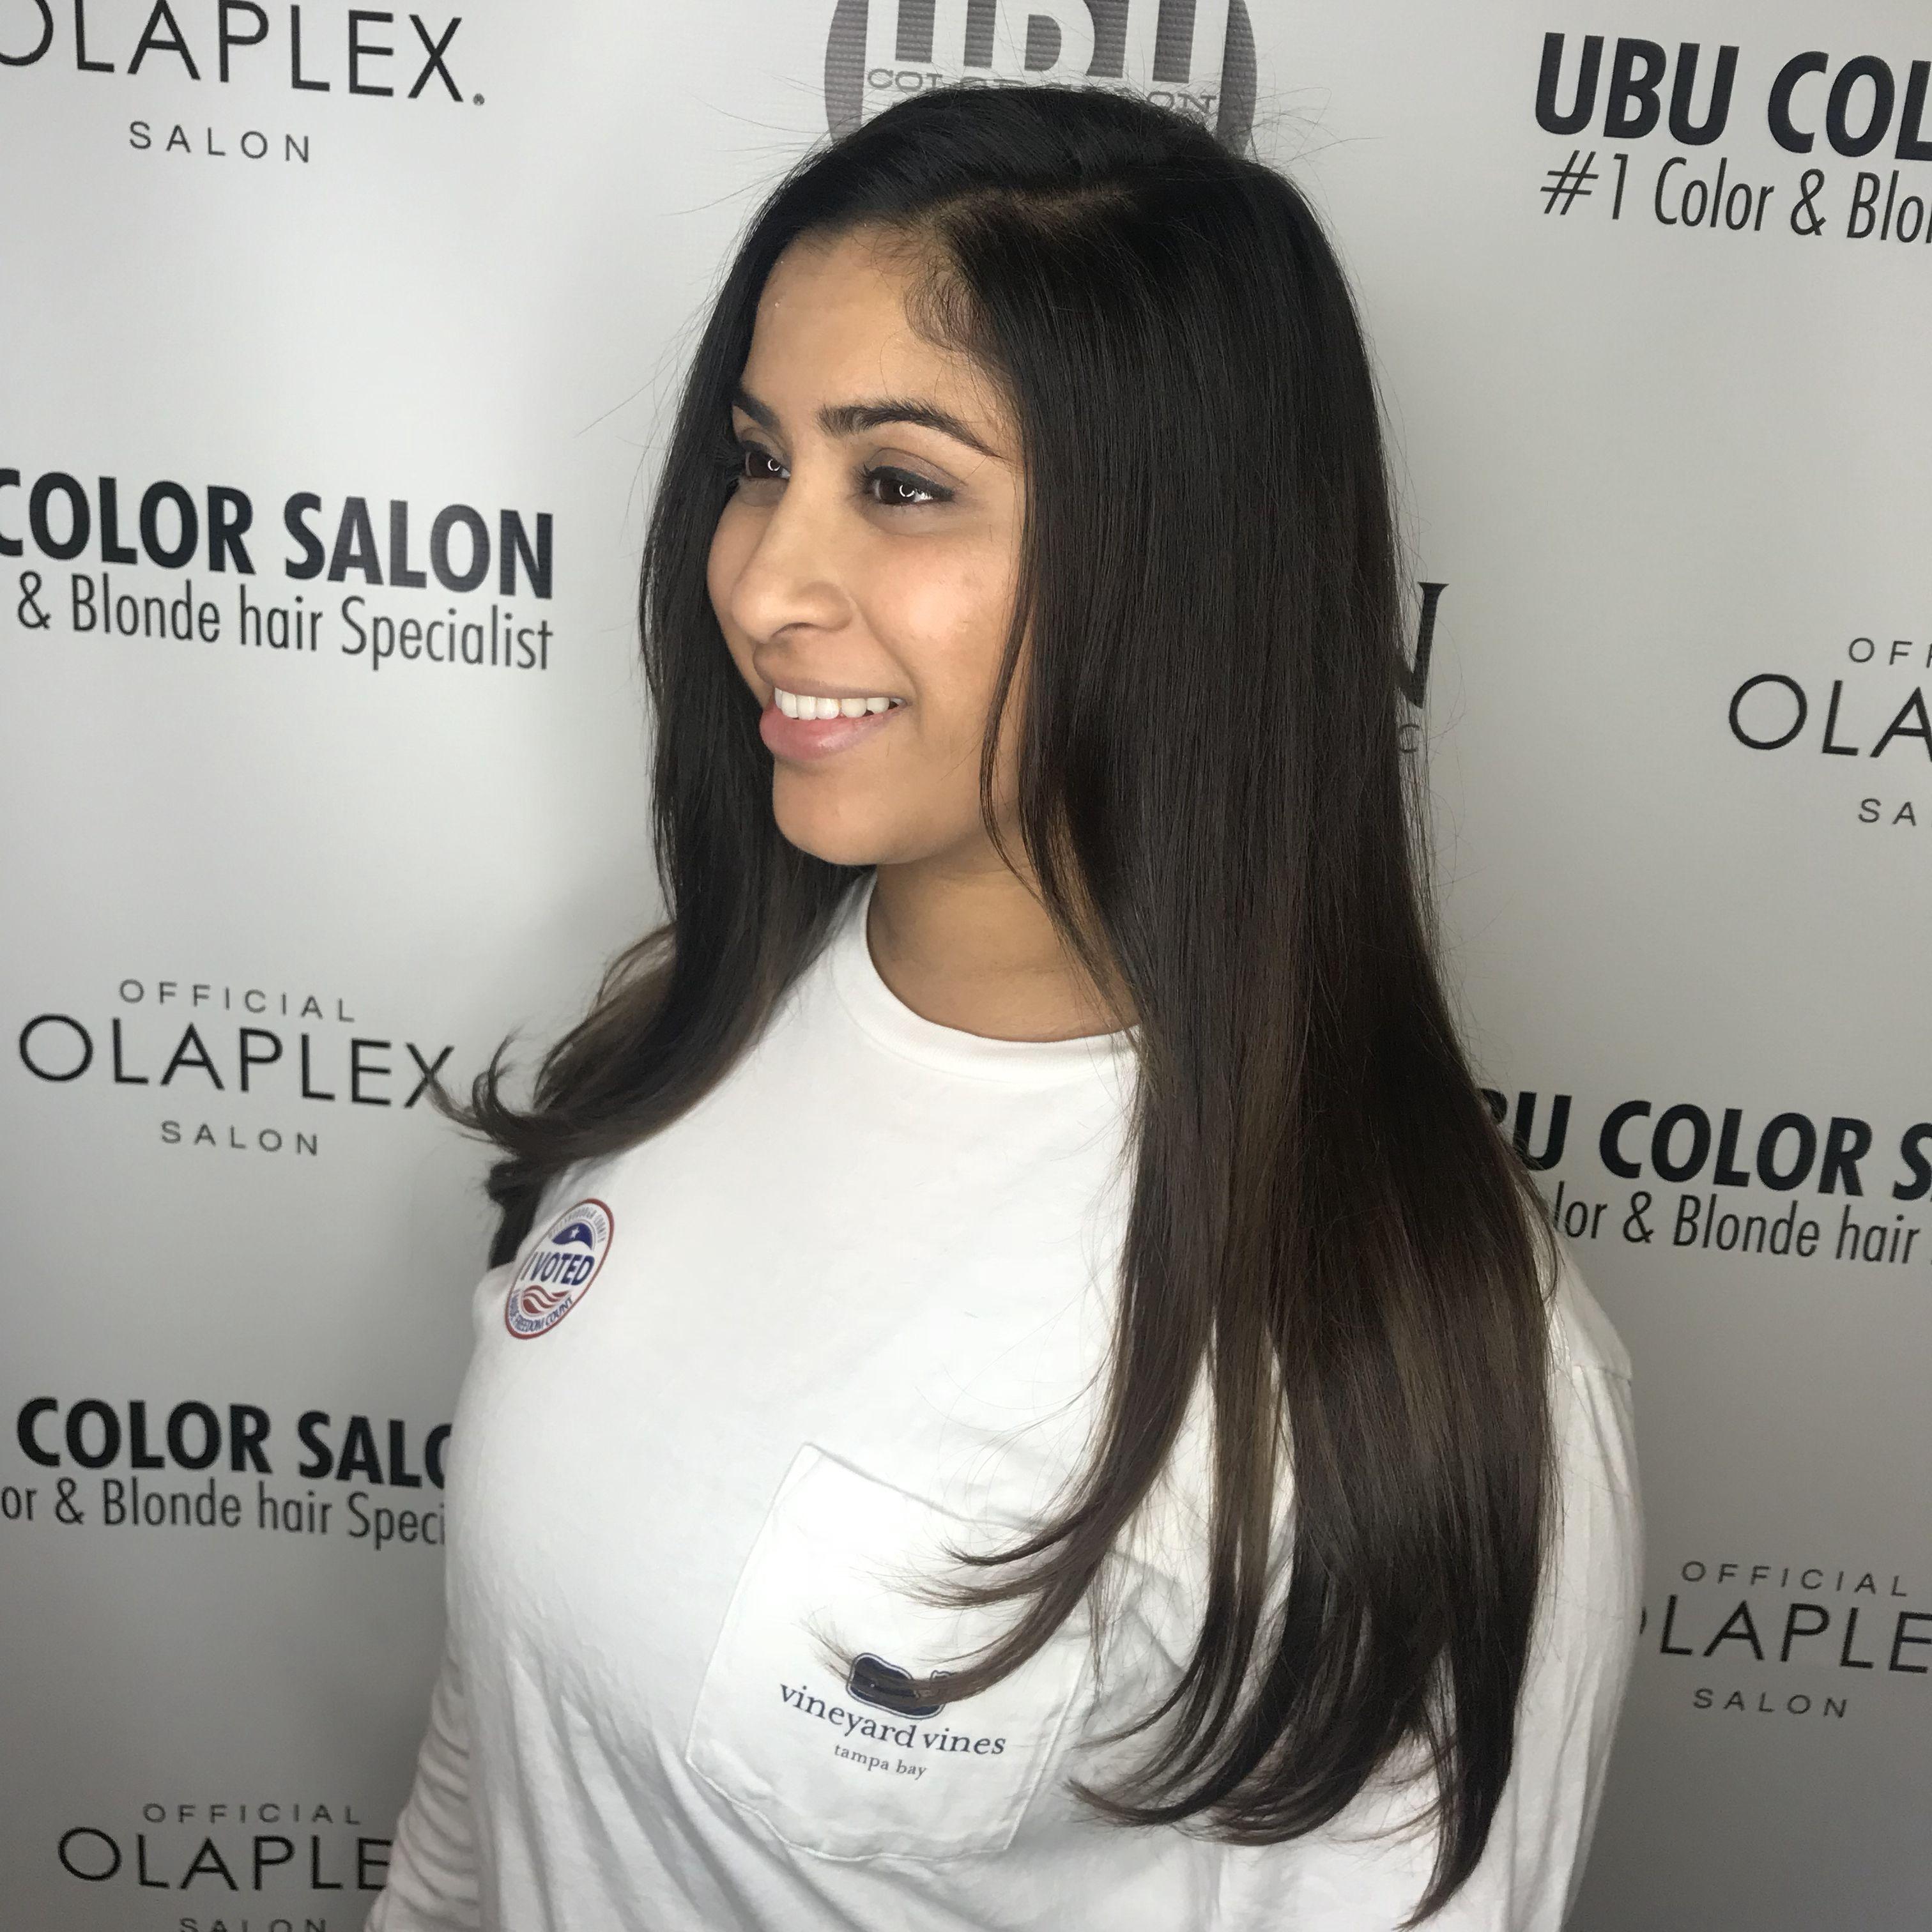 Brownhair Hair Specialist Blonde Color Long Hair Styles